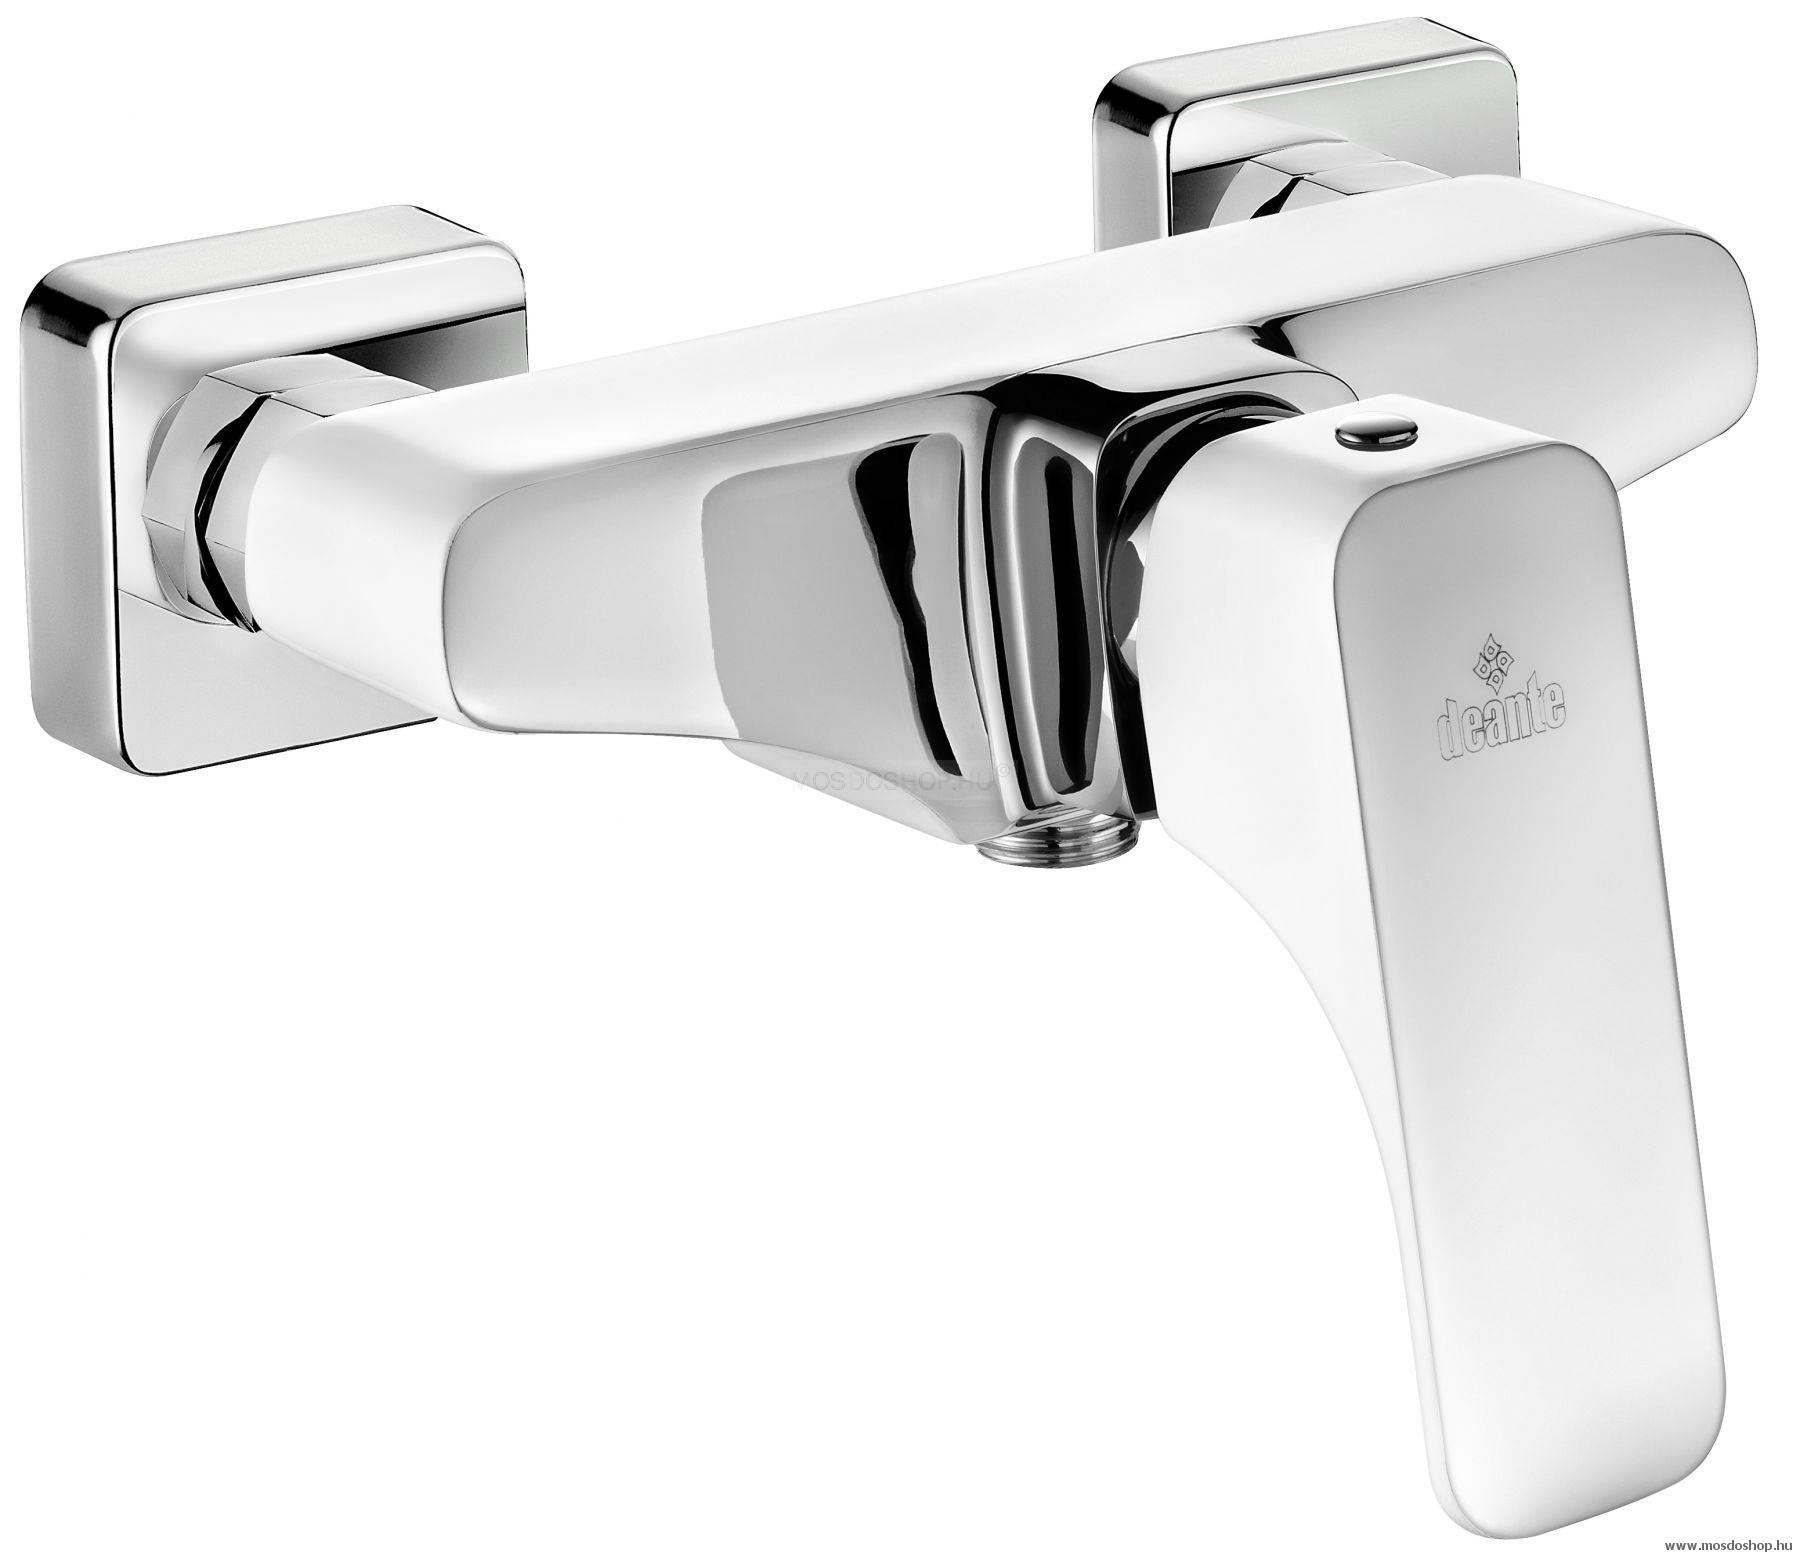 Deante - Hiacynt zuhany csaptelep fehér-króm variácóban